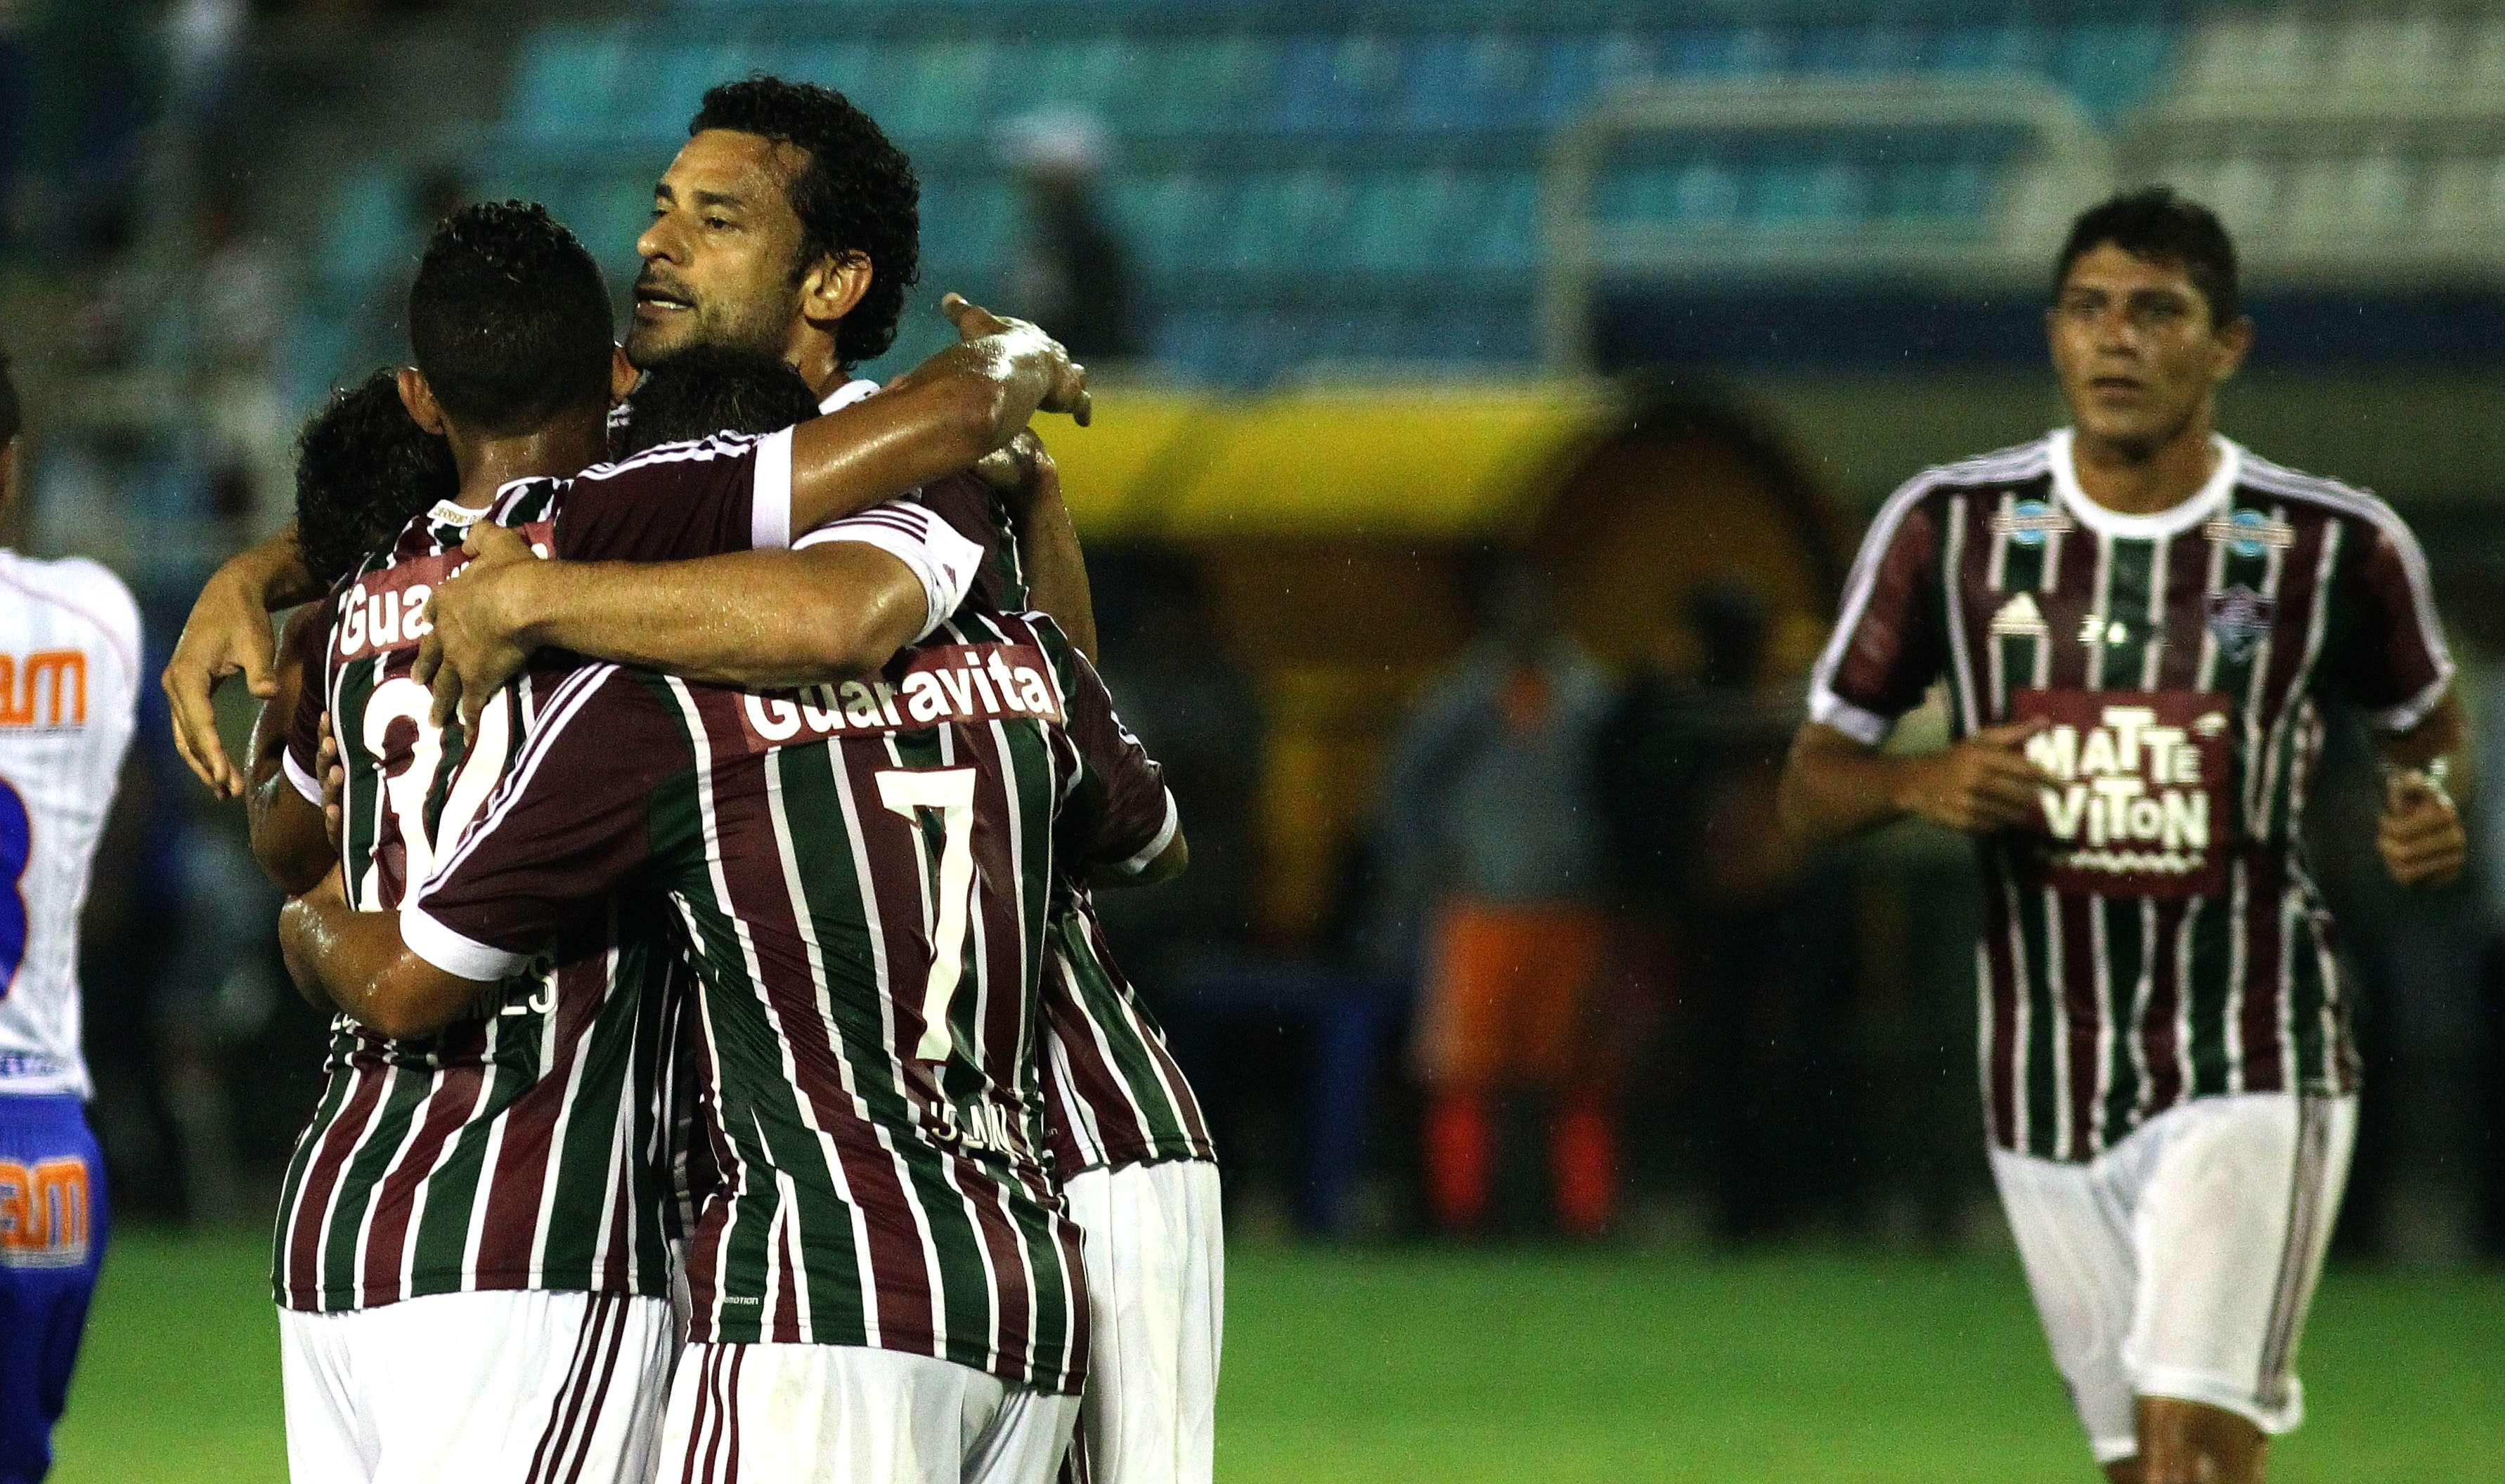 Foto: Nelson Perez/Fluminense/Divulgação